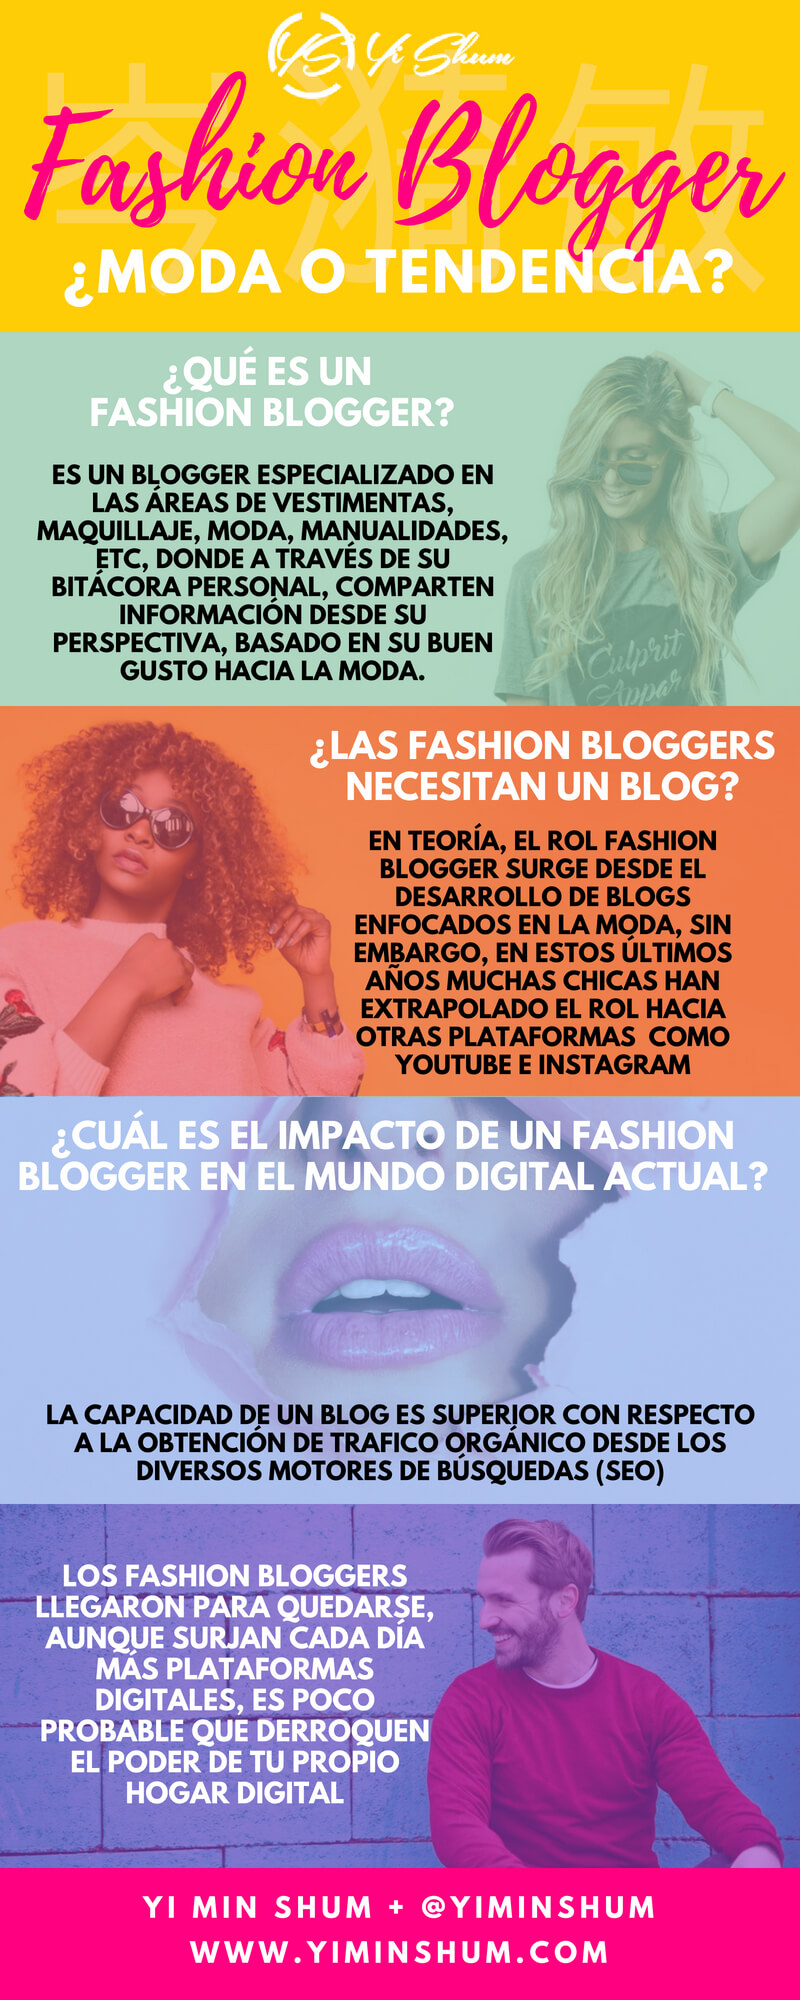 Fashion Blogger Moda o Tendencia - infografía